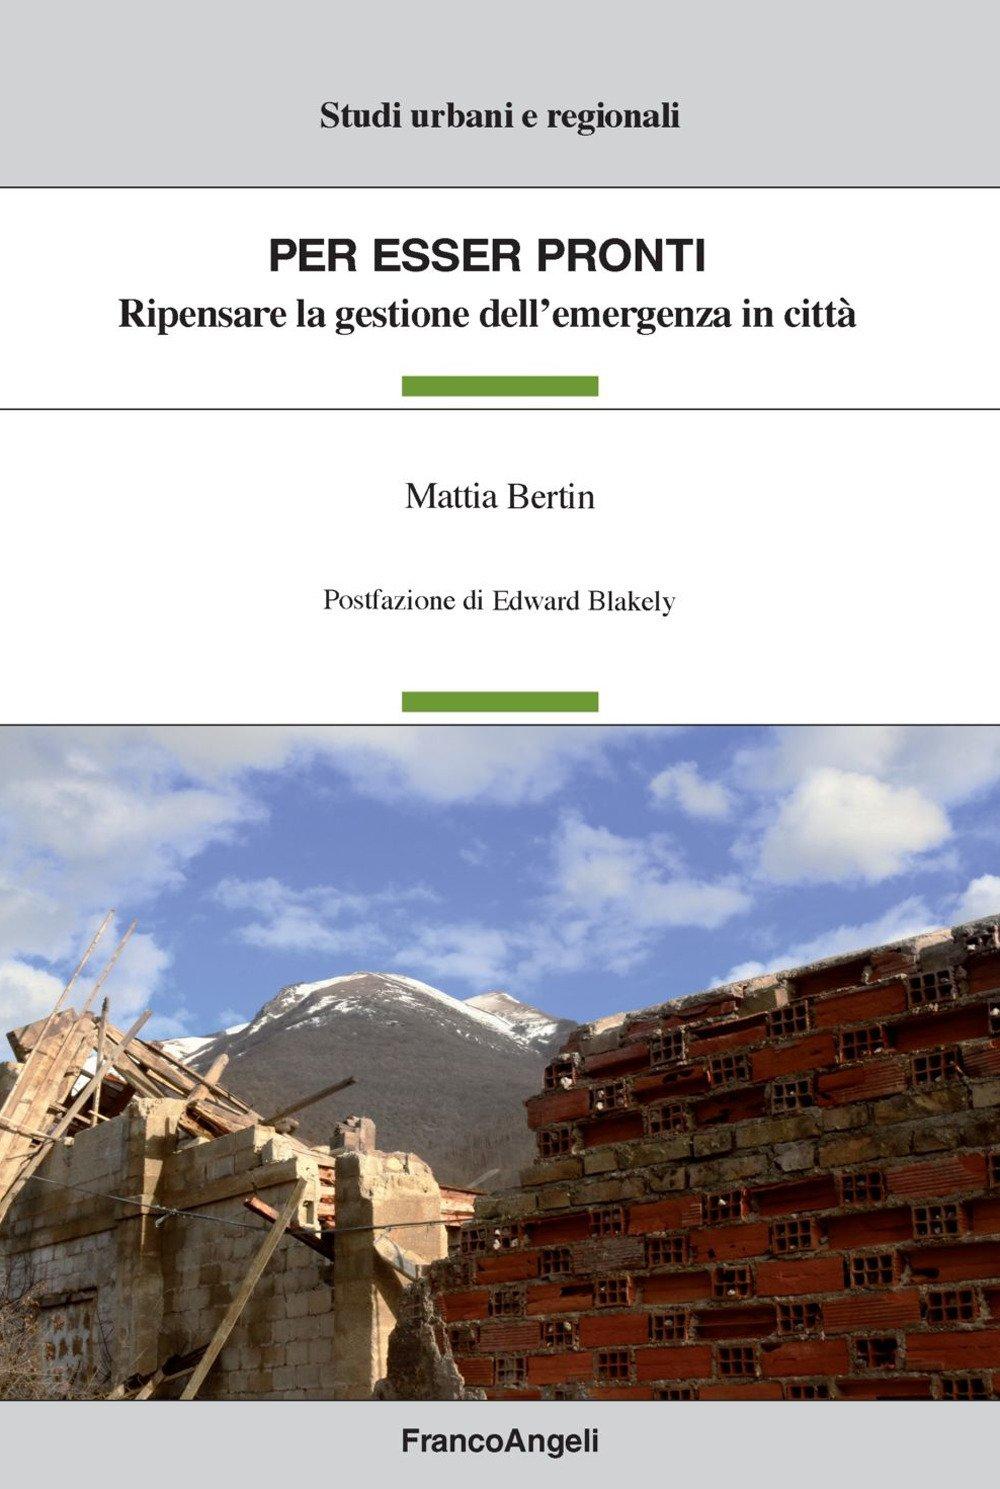 Per esser pronti. Ripensare la gestione dell'emergenza in città Copertina flessibile – 5 feb 2018 Mattia Bertin Franco Angeli 8891761923 Testi scientifici